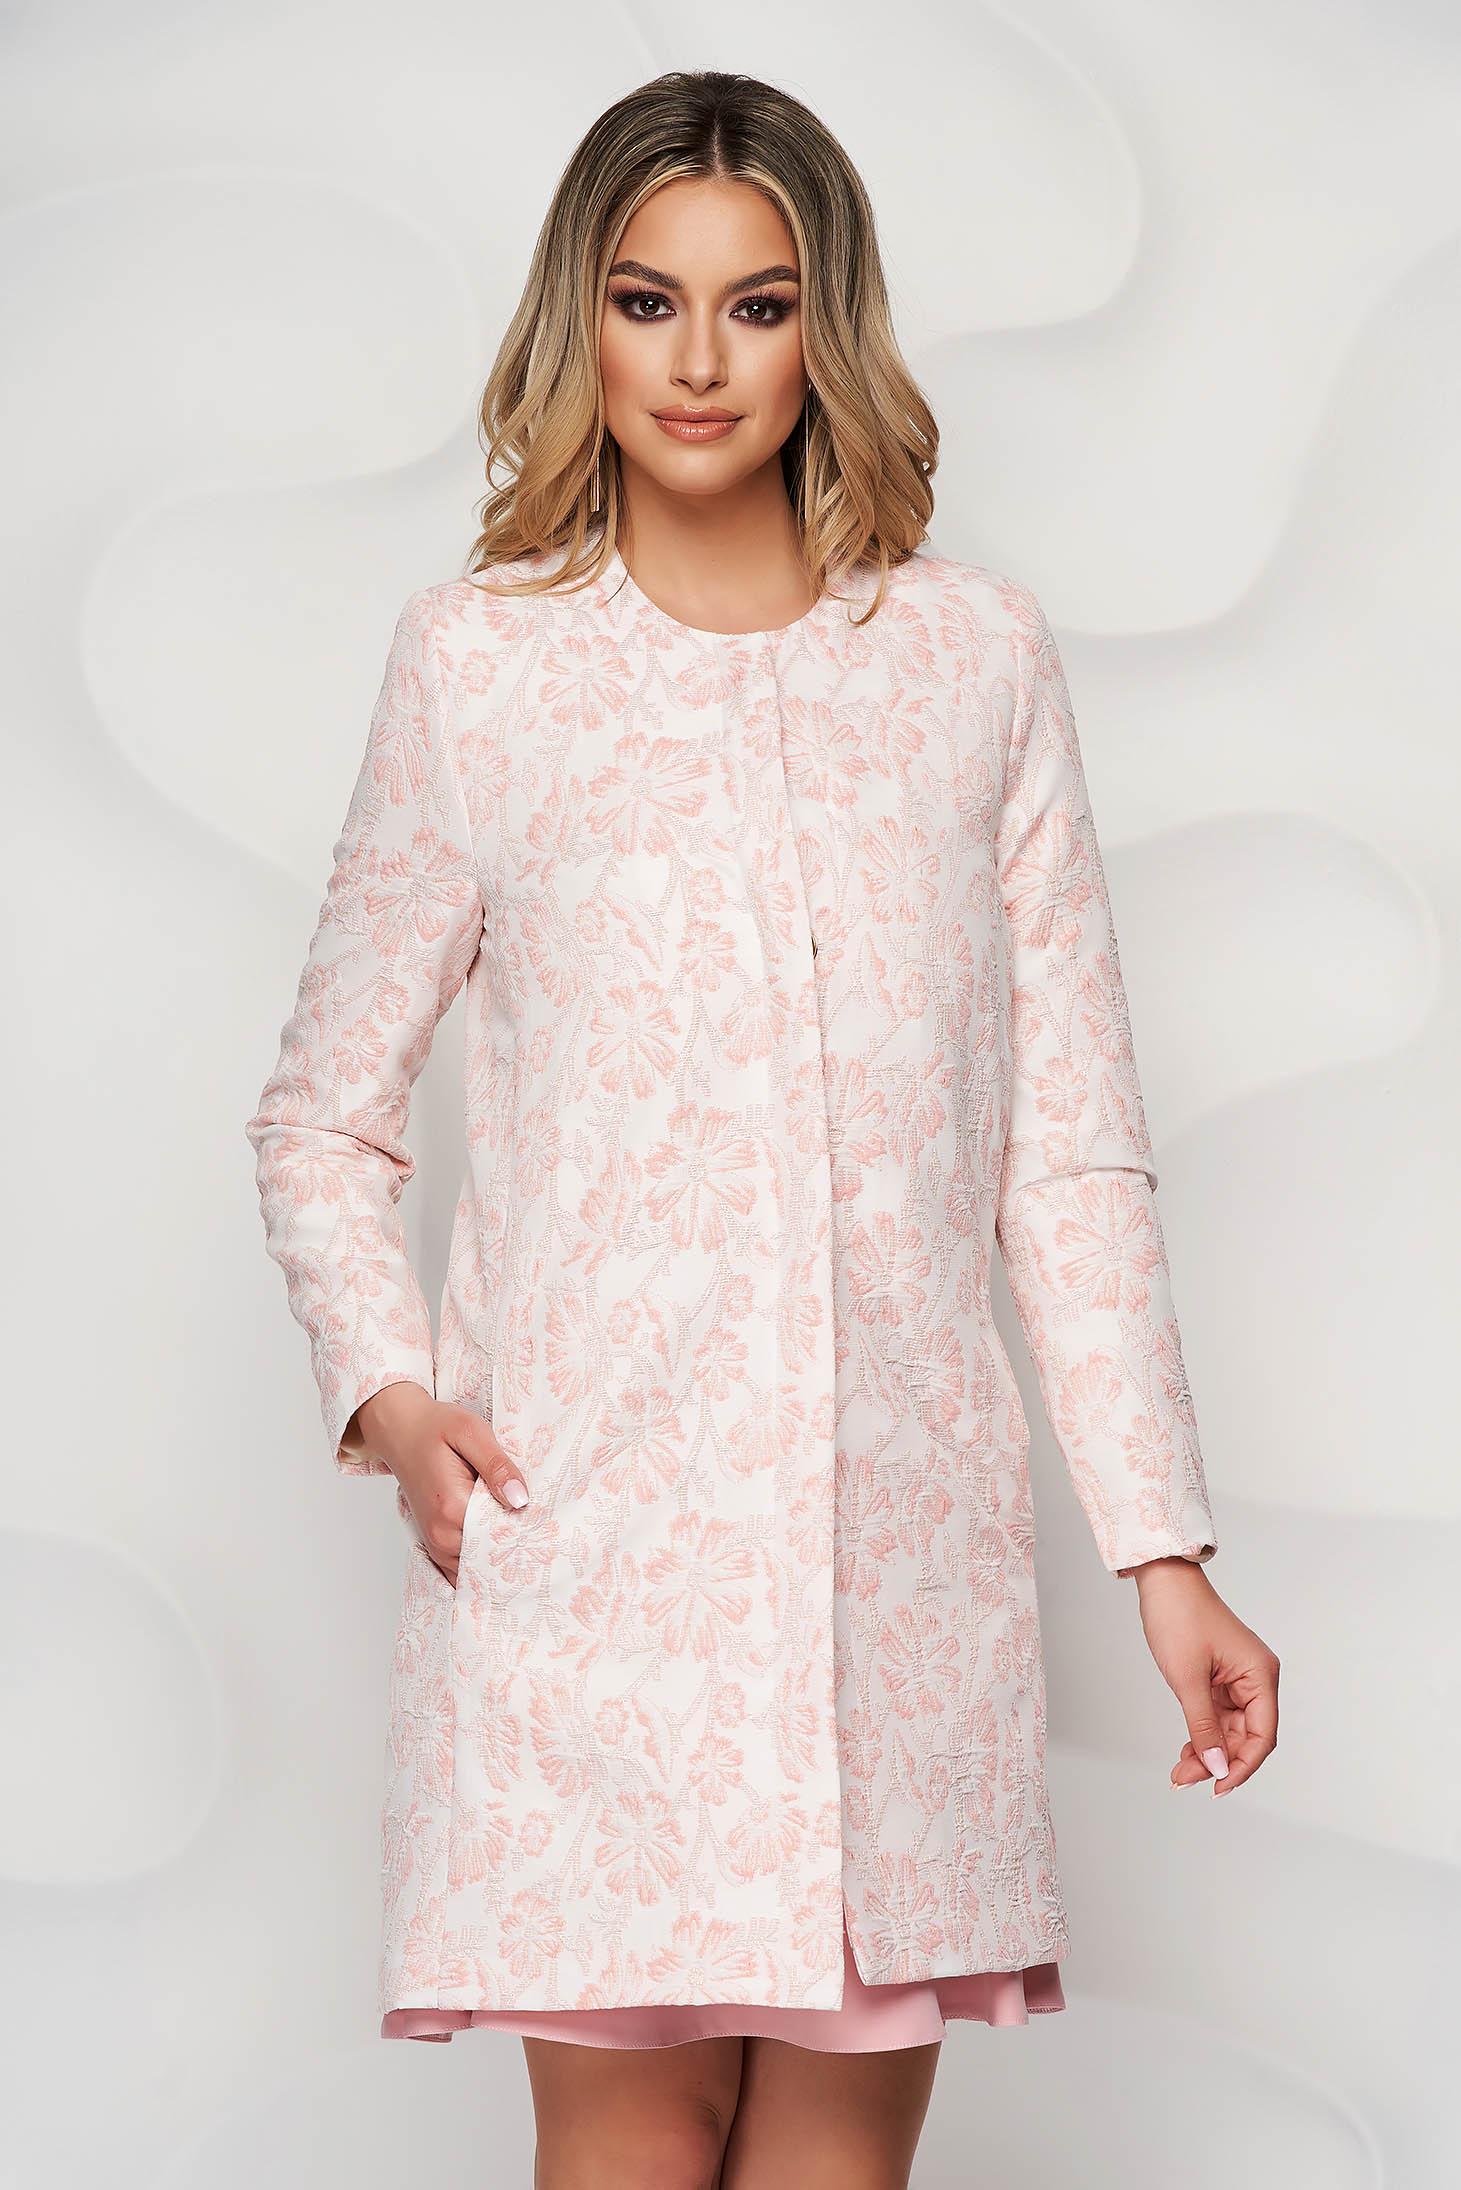 Pardesiu StarShinerS roz prafuit din jaquard subtire cu imprimeu floral si buzunare